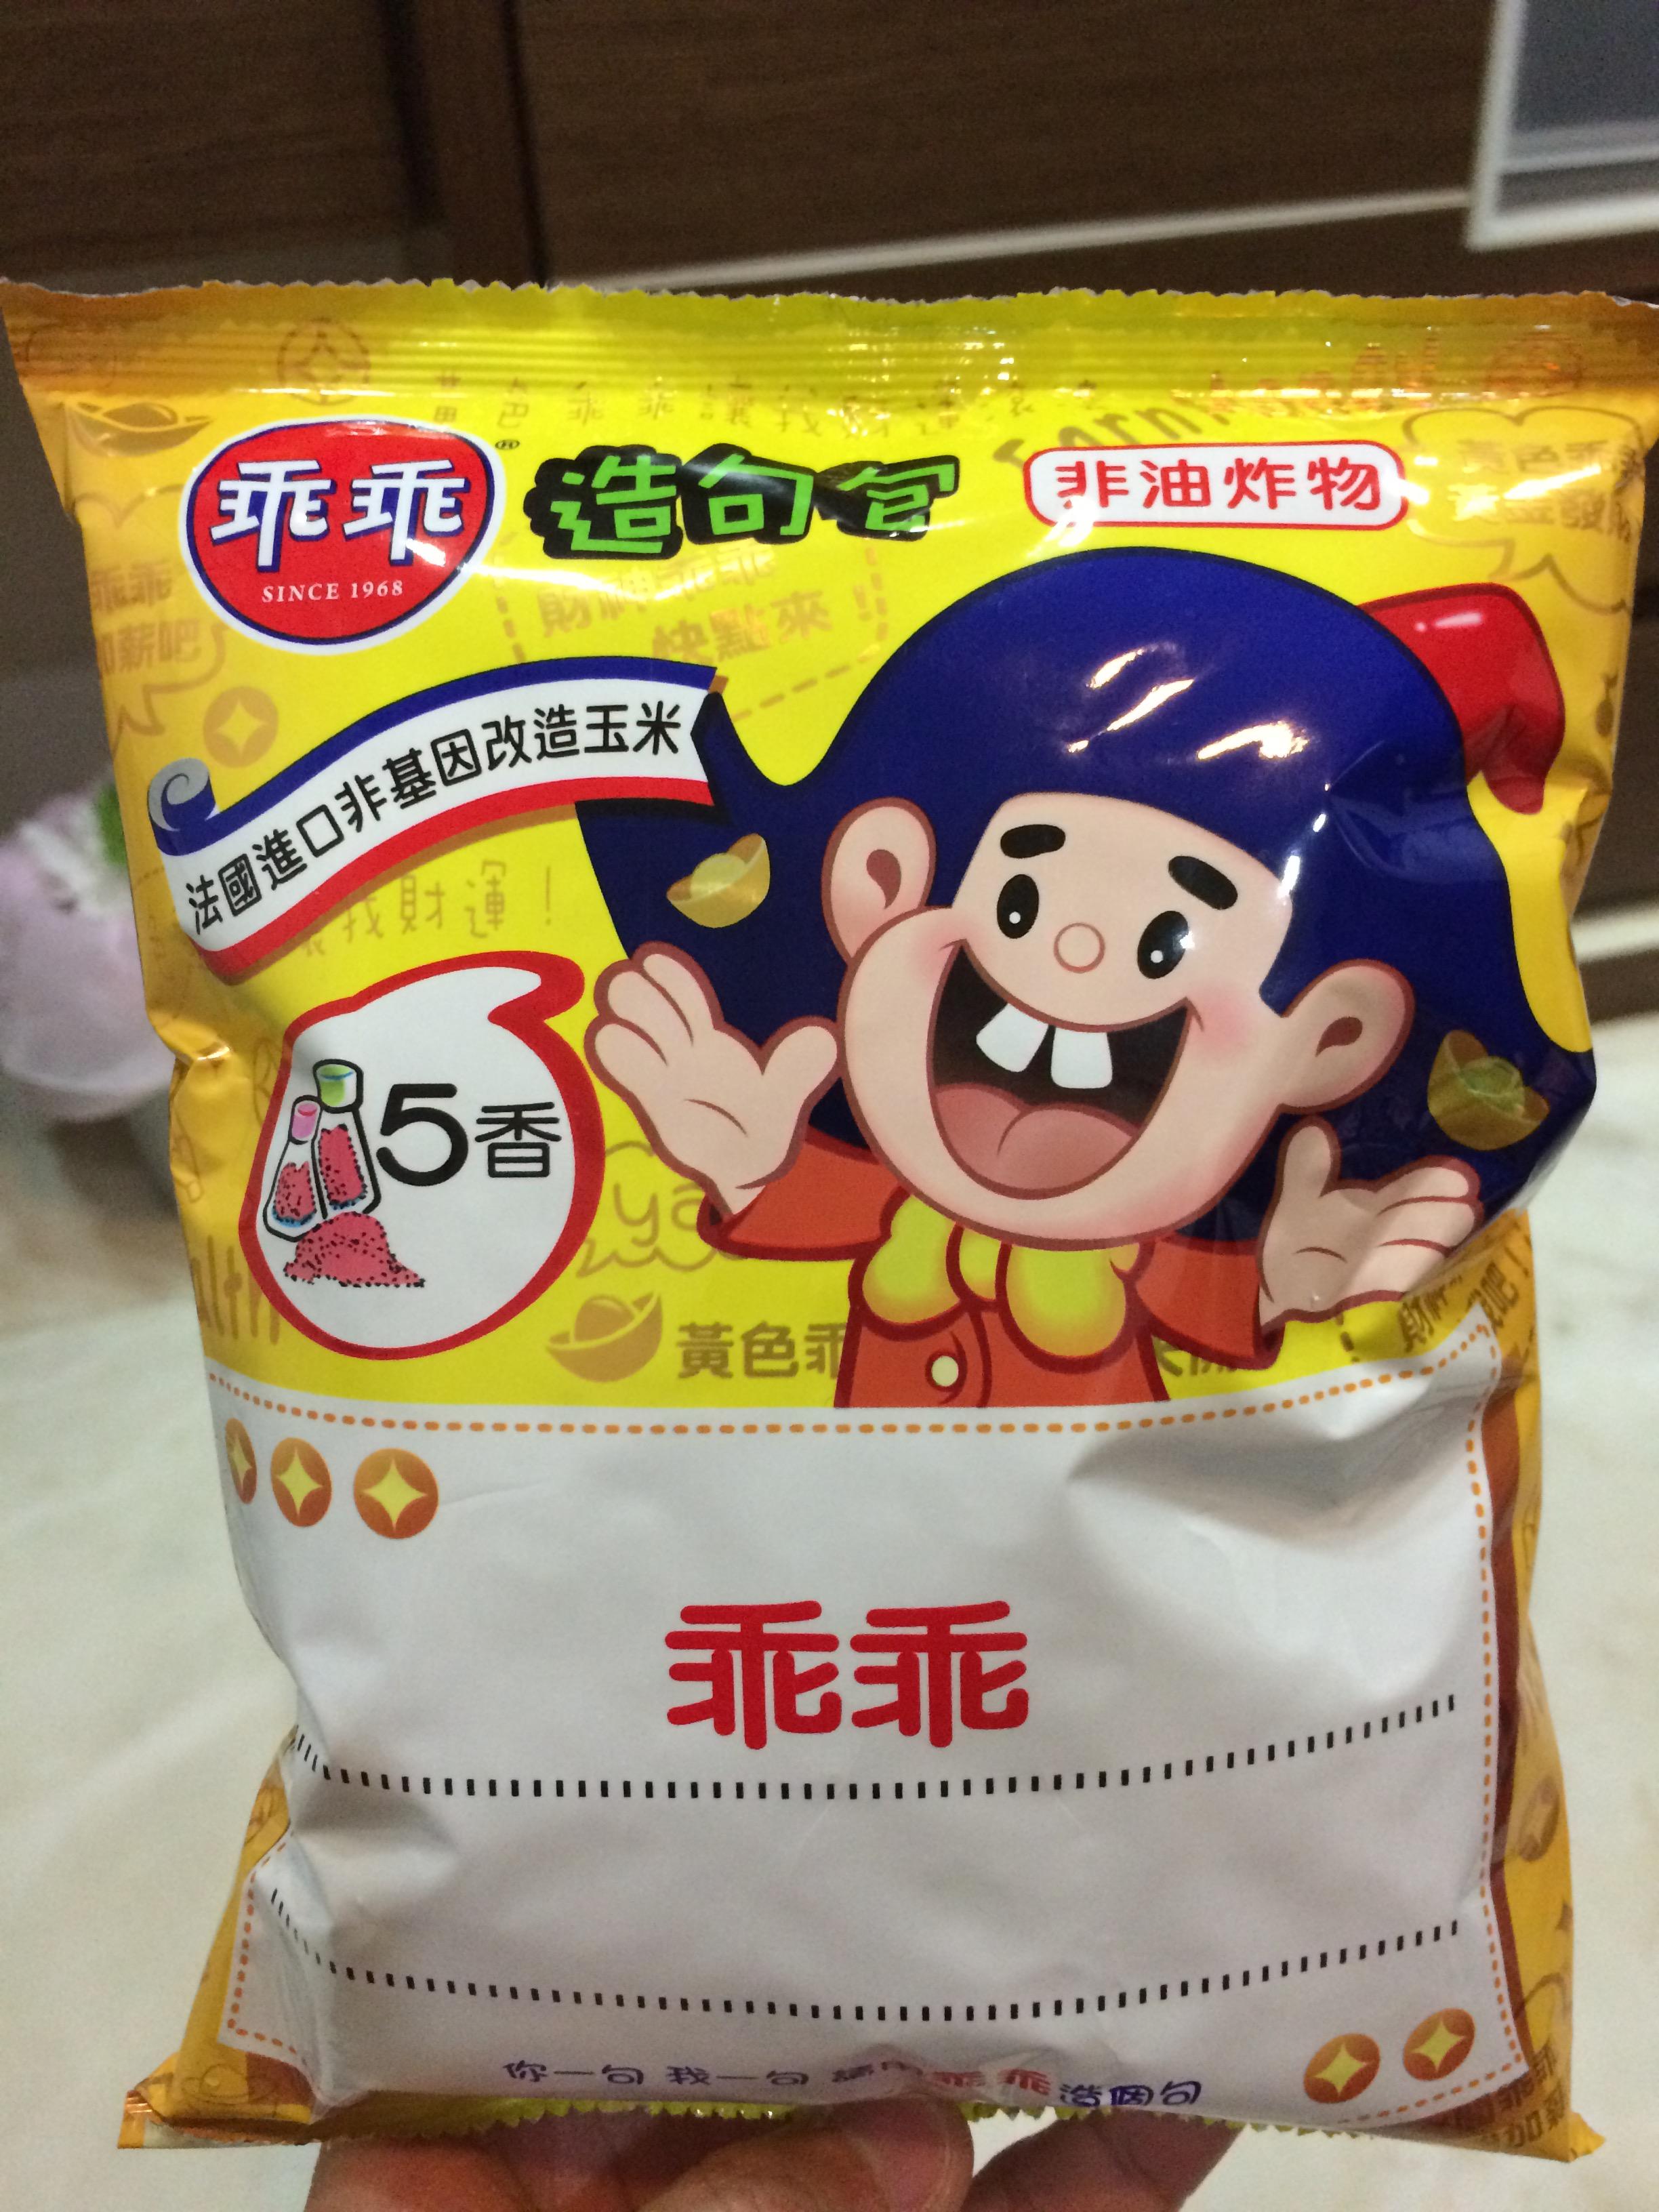 台湾旅行のお土産にうってつけ?台湾のお菓子を紹介!